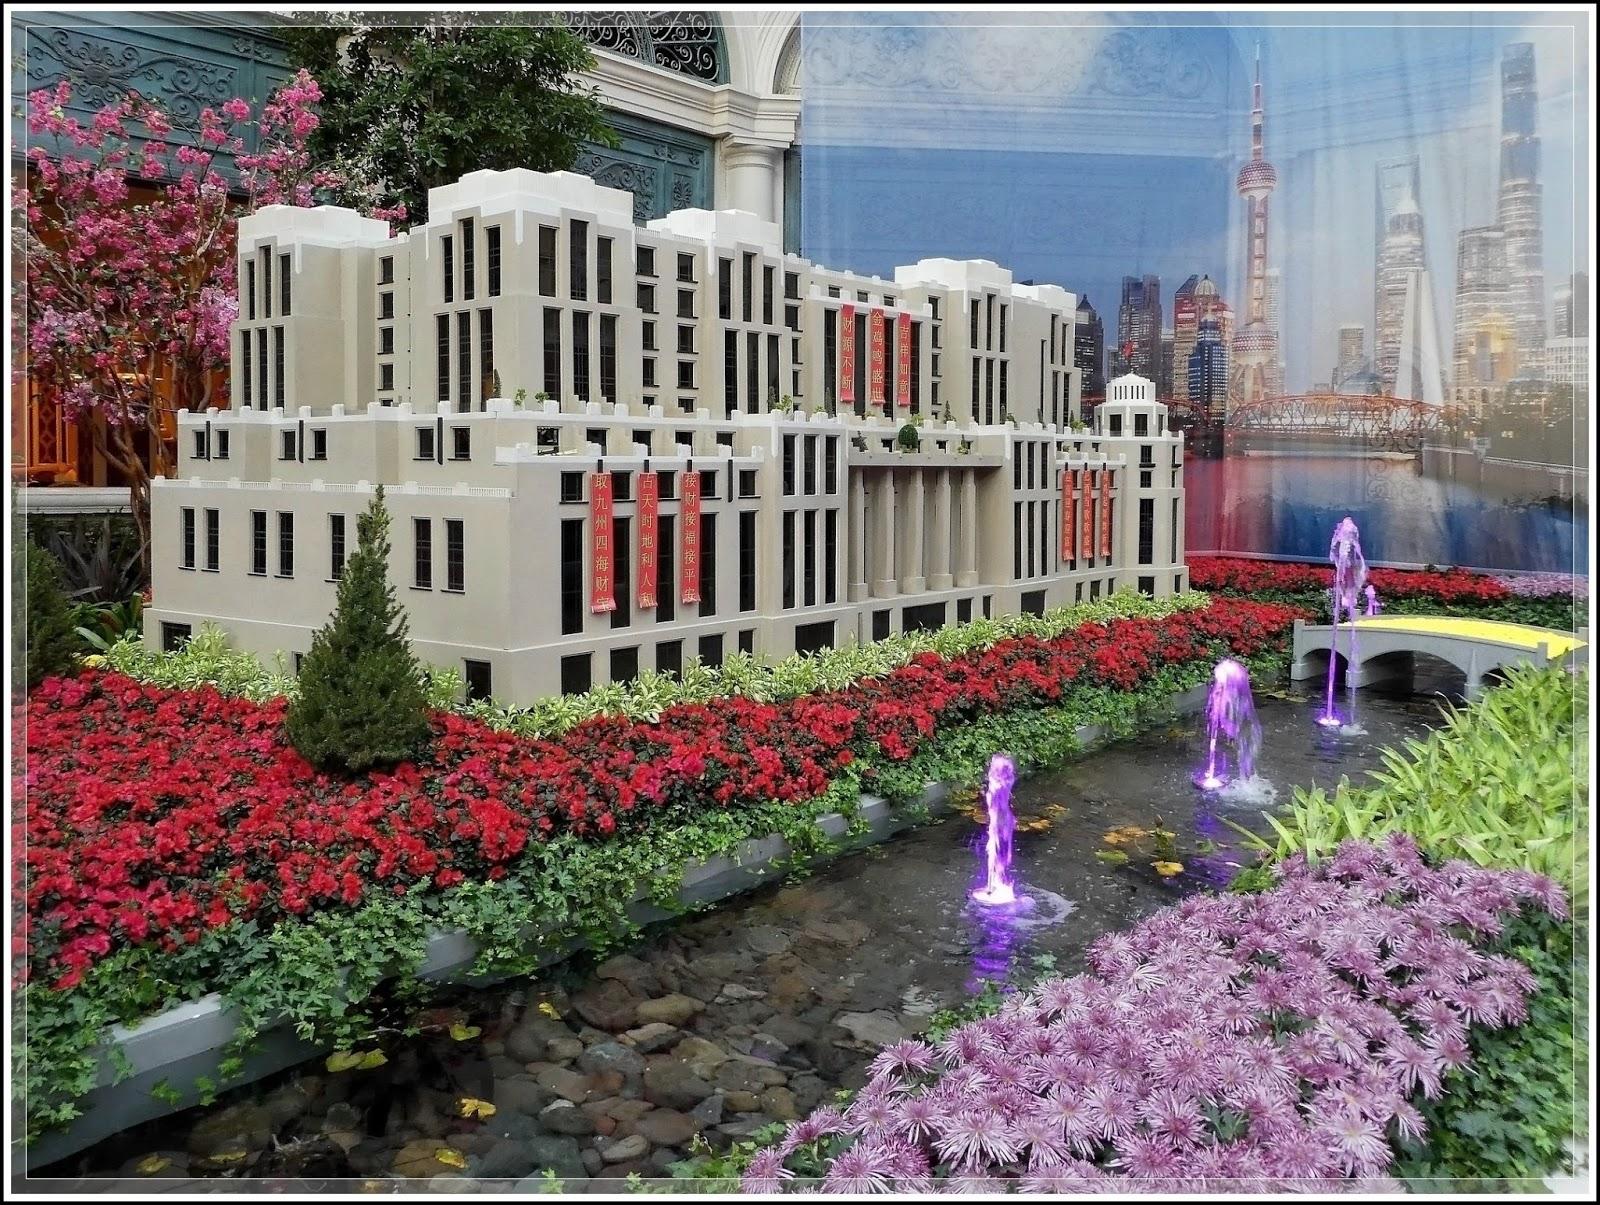 Ken 39 S Photo Gallery Bellagio S Botanical Garden Chinese New Year Exhibit